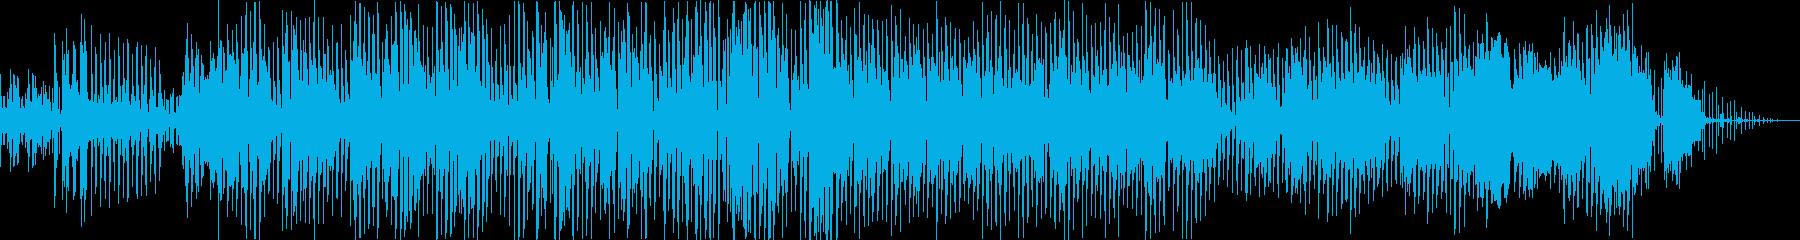 モダンジャズ。高調波電圧。ダンス。...の再生済みの波形